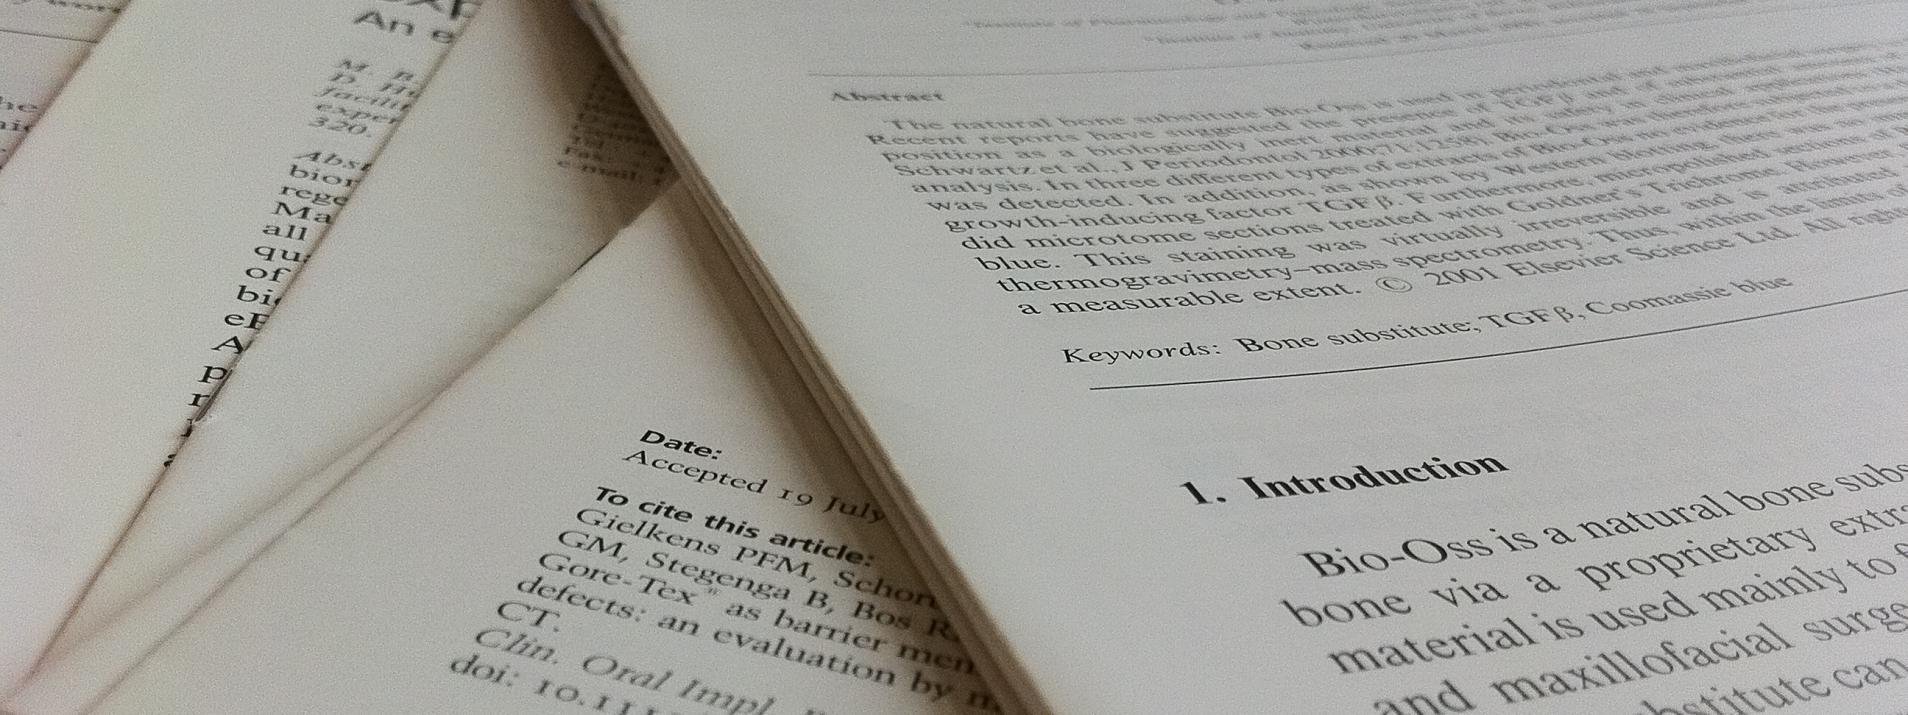 L'envolée des publications scientifiques en temps de Covid-19